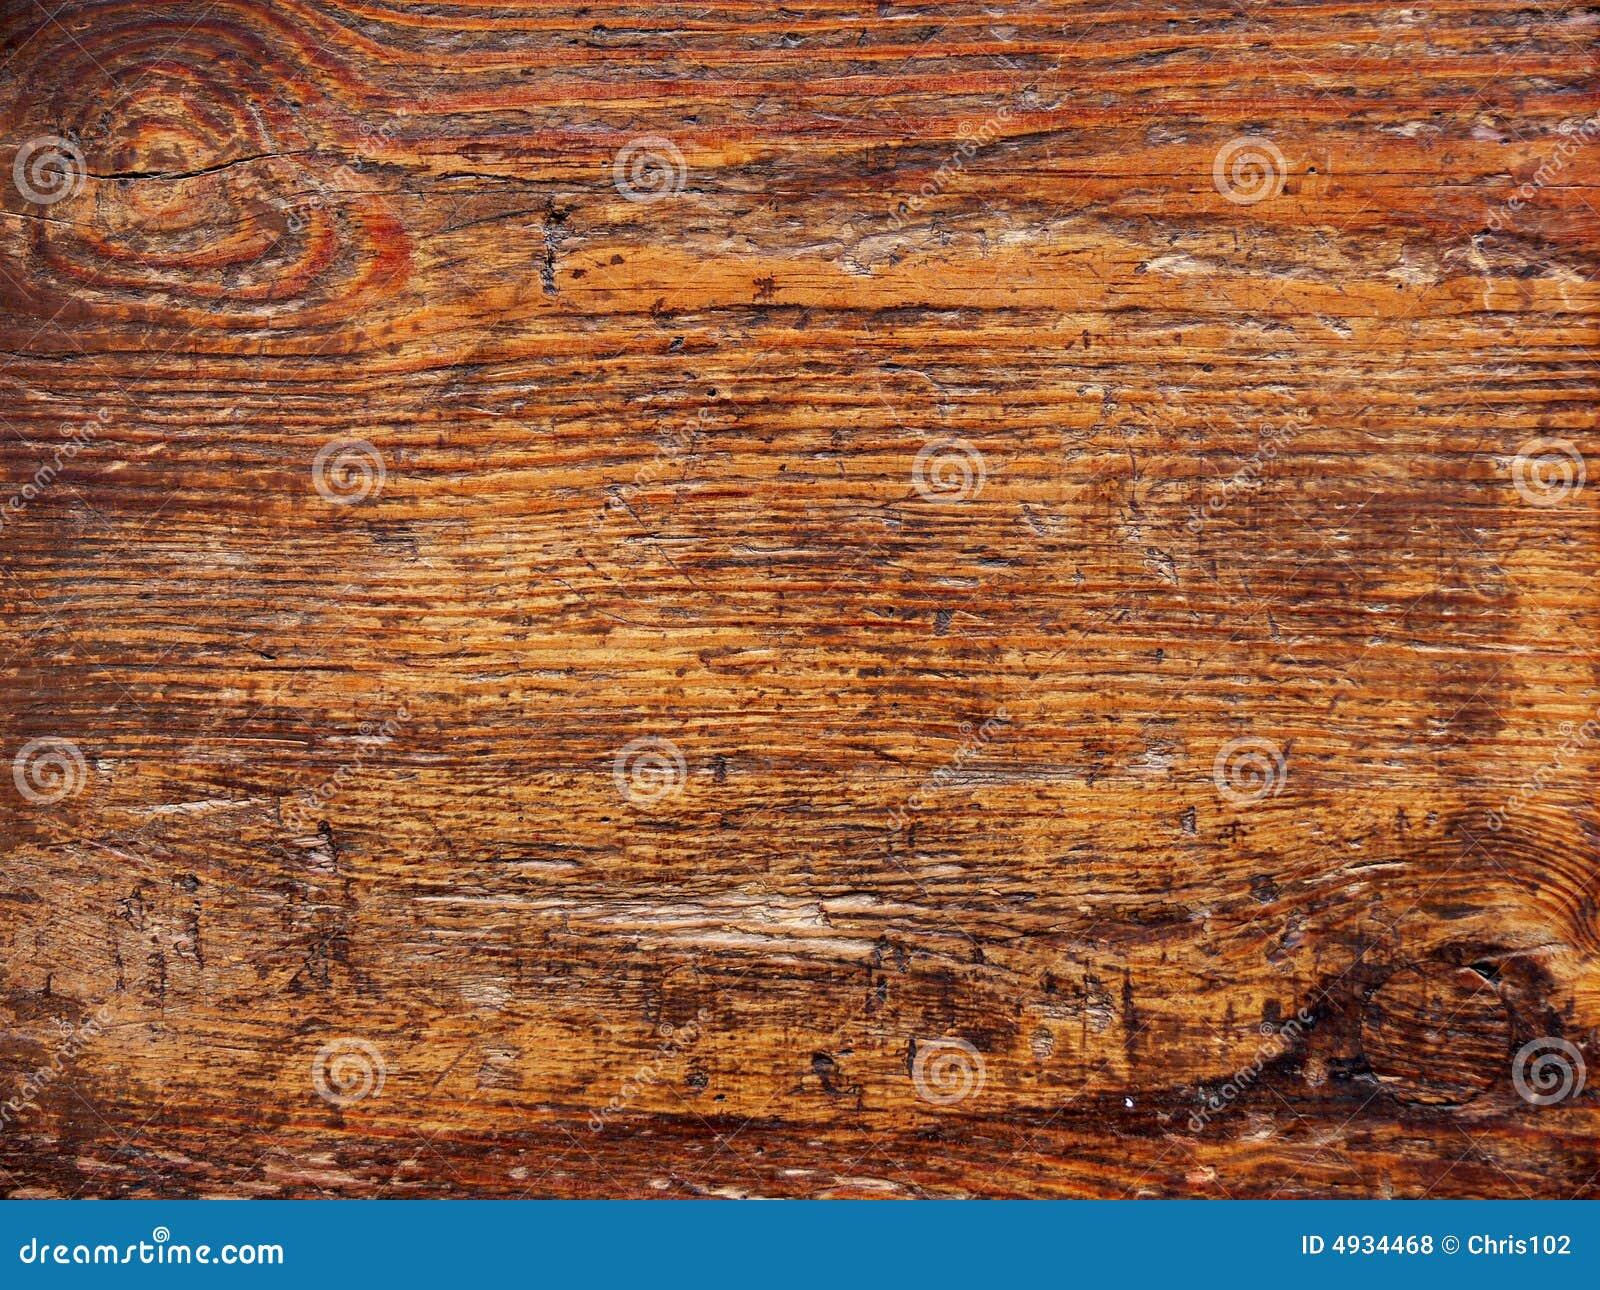 wood background royalty free - photo #28